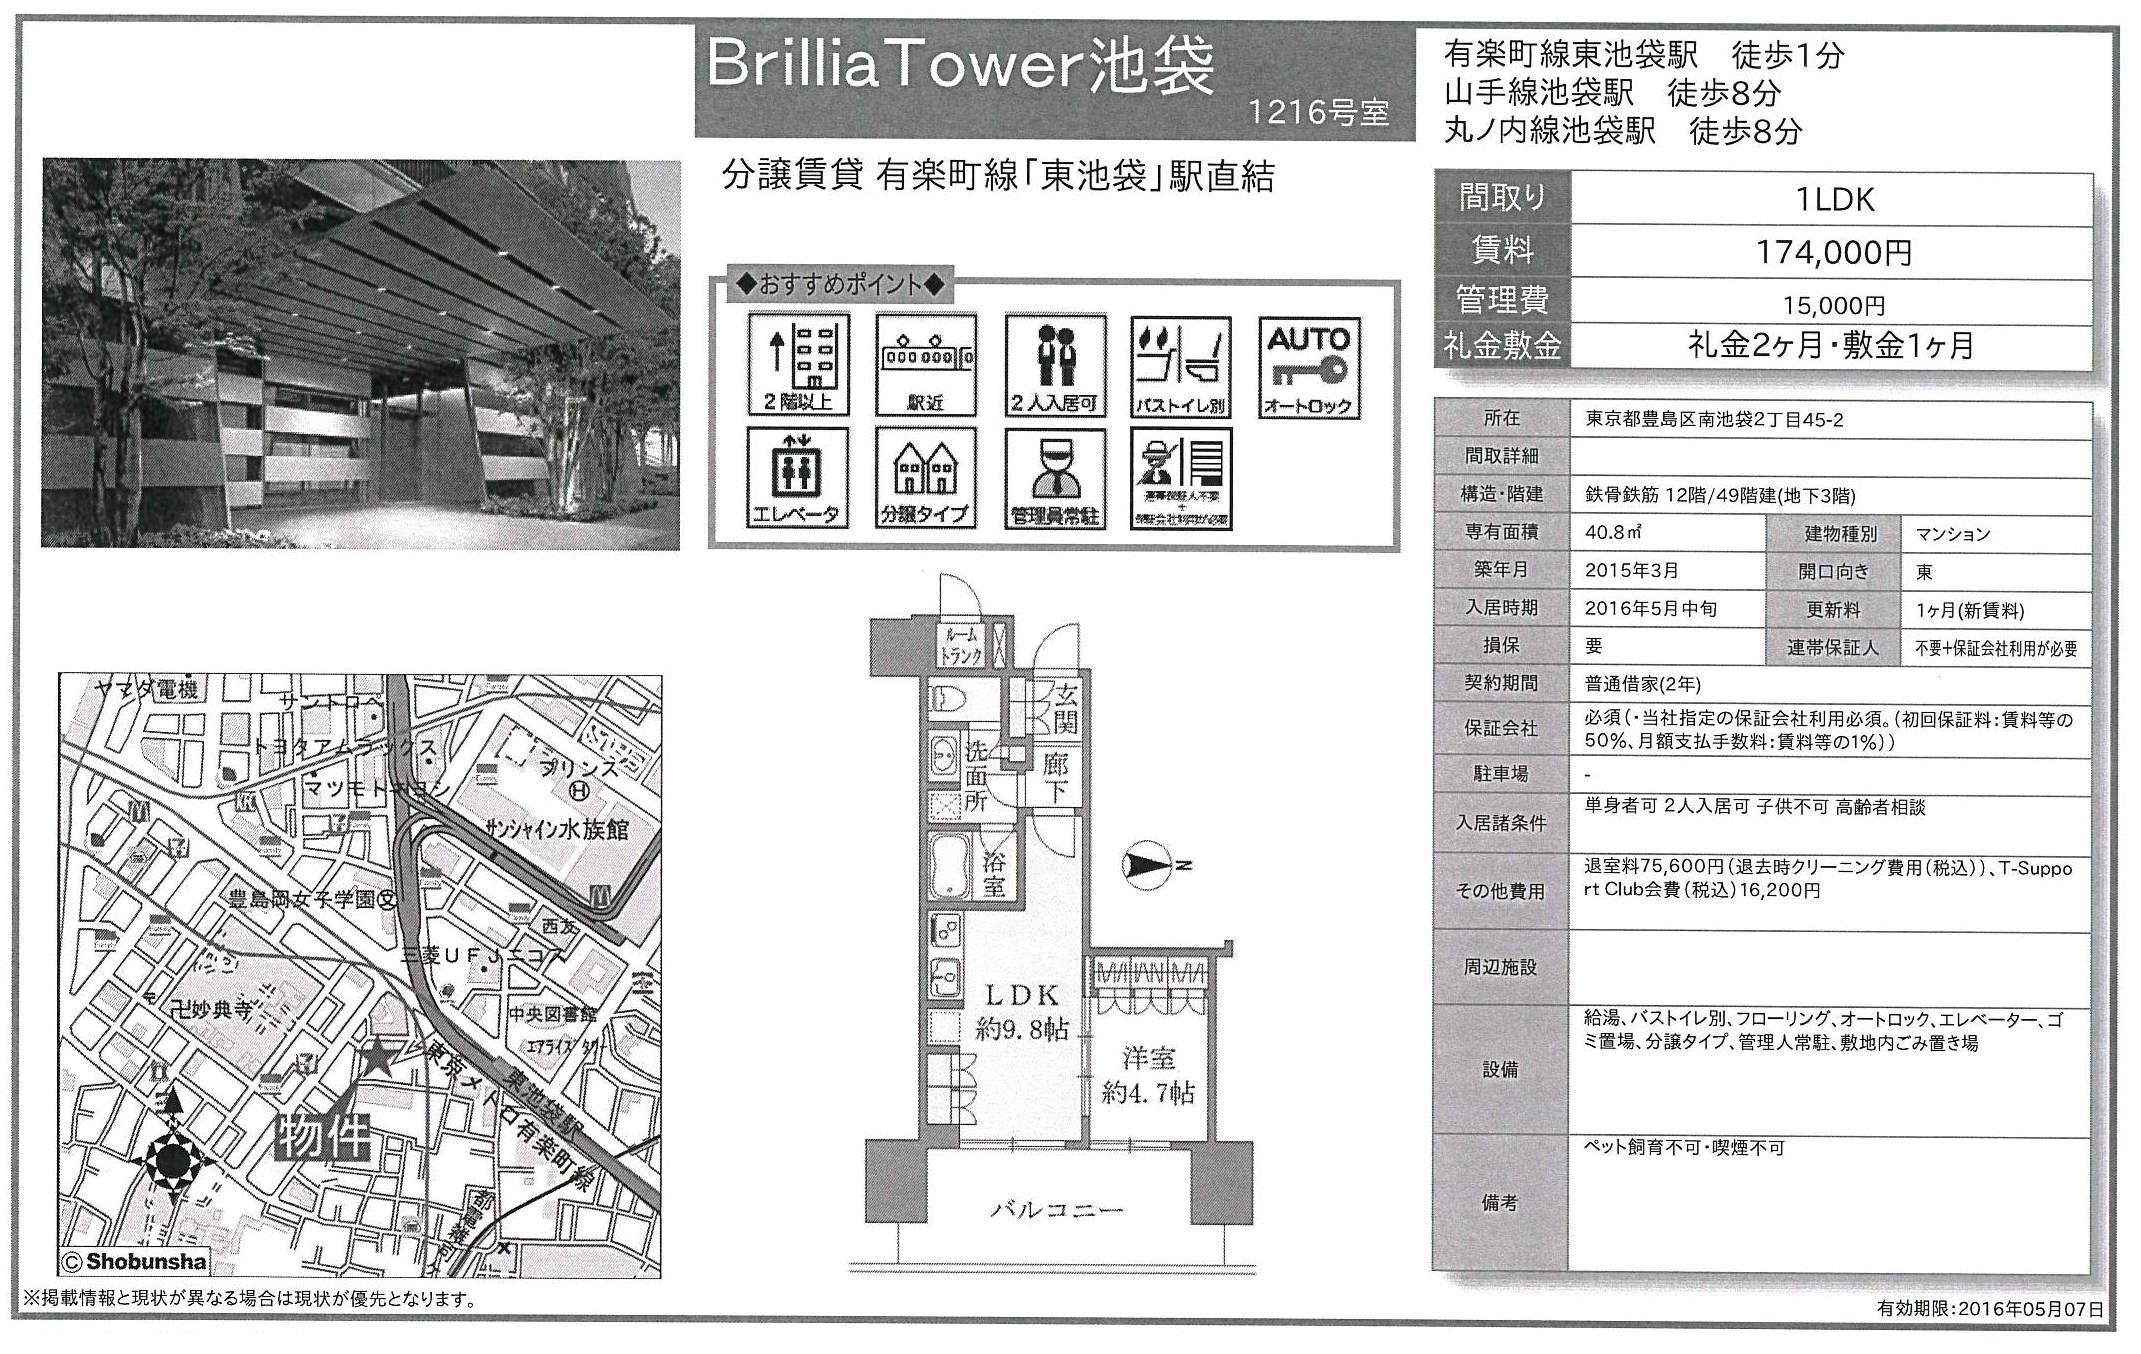 ブリリアタワー池袋図面1216号室